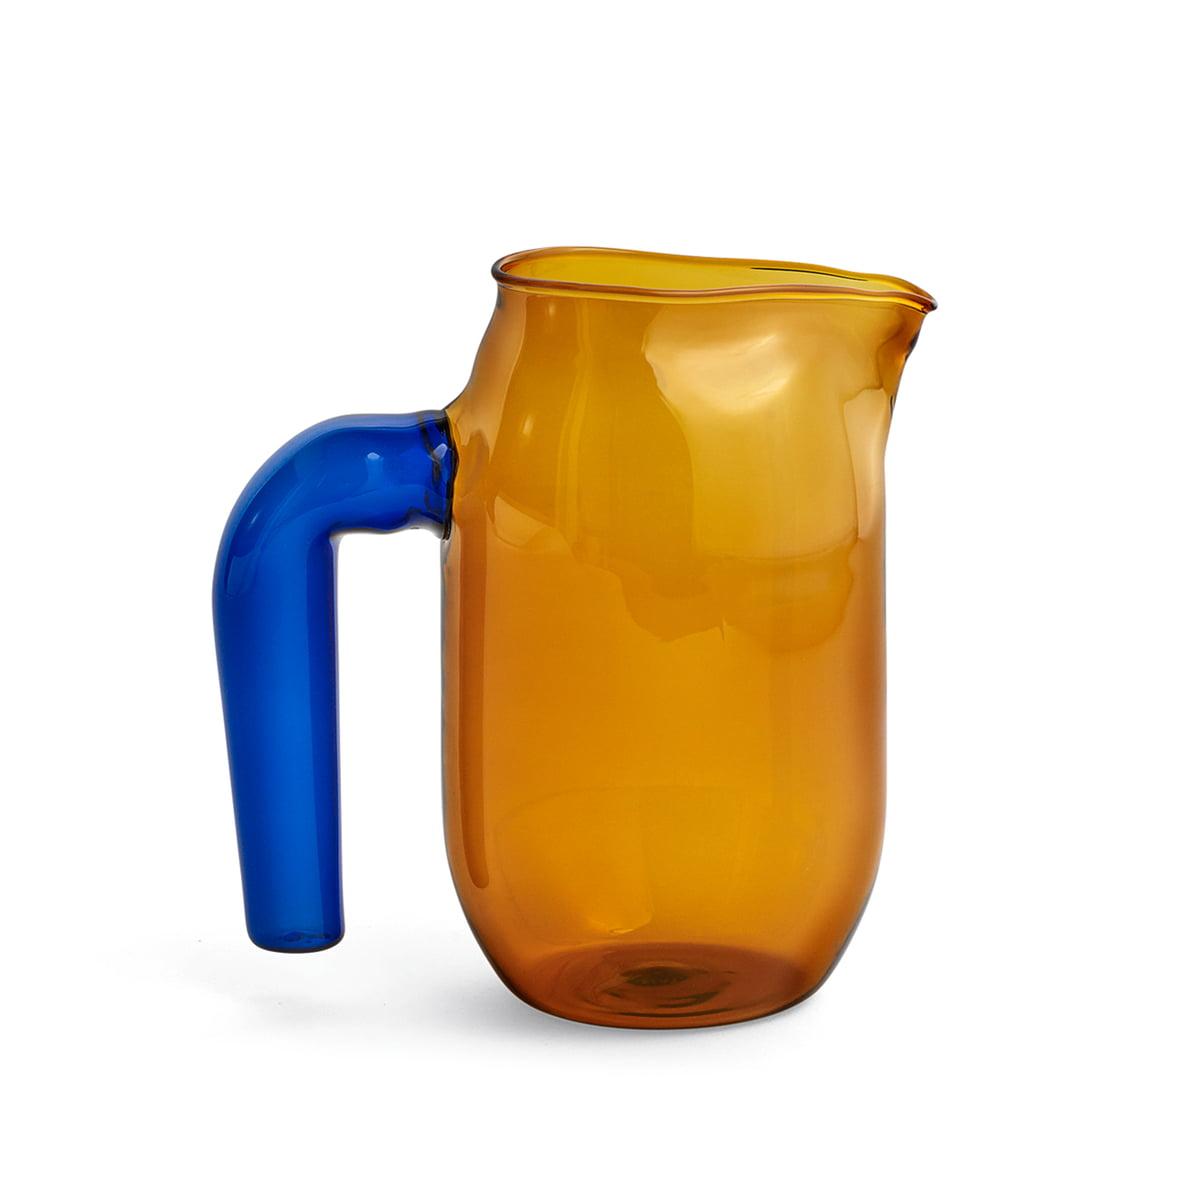 Hay - Glaskrug small, H 16,5 cm, bernstein | Küche und Esszimmer > Besteck und Geschirr > Karaffen | Verschiedene farben | Hay